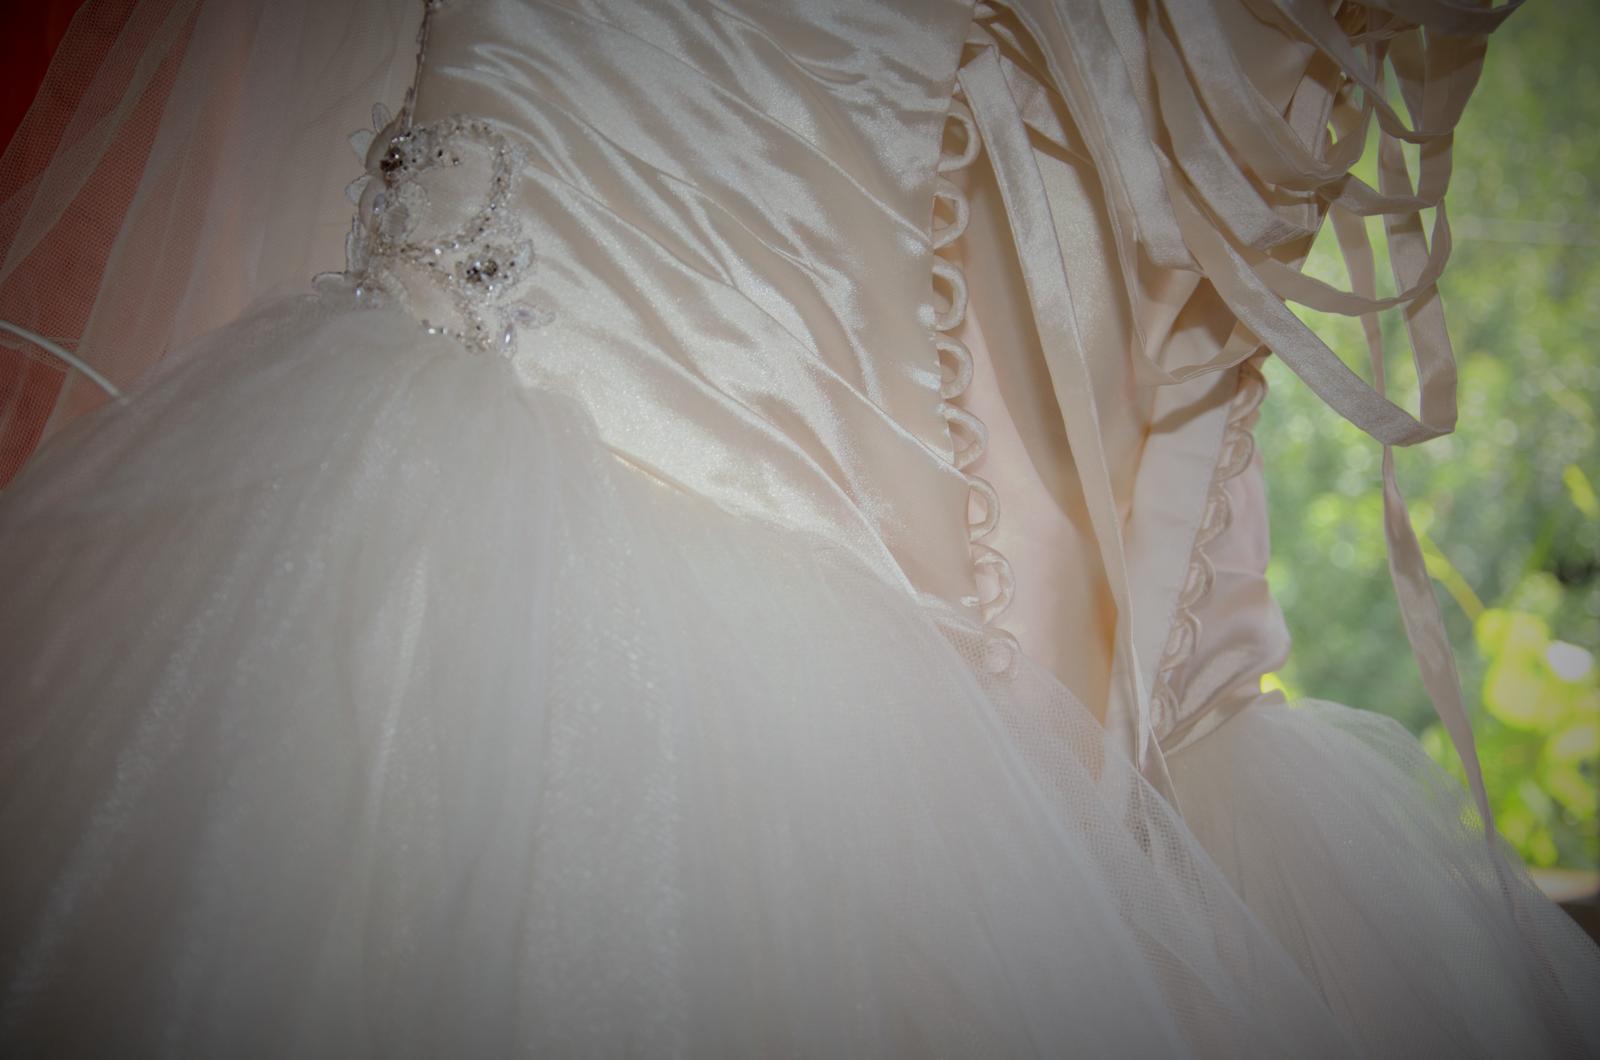 Svadobne šaty-modern wedding tulle dress - Obrázok č. 2